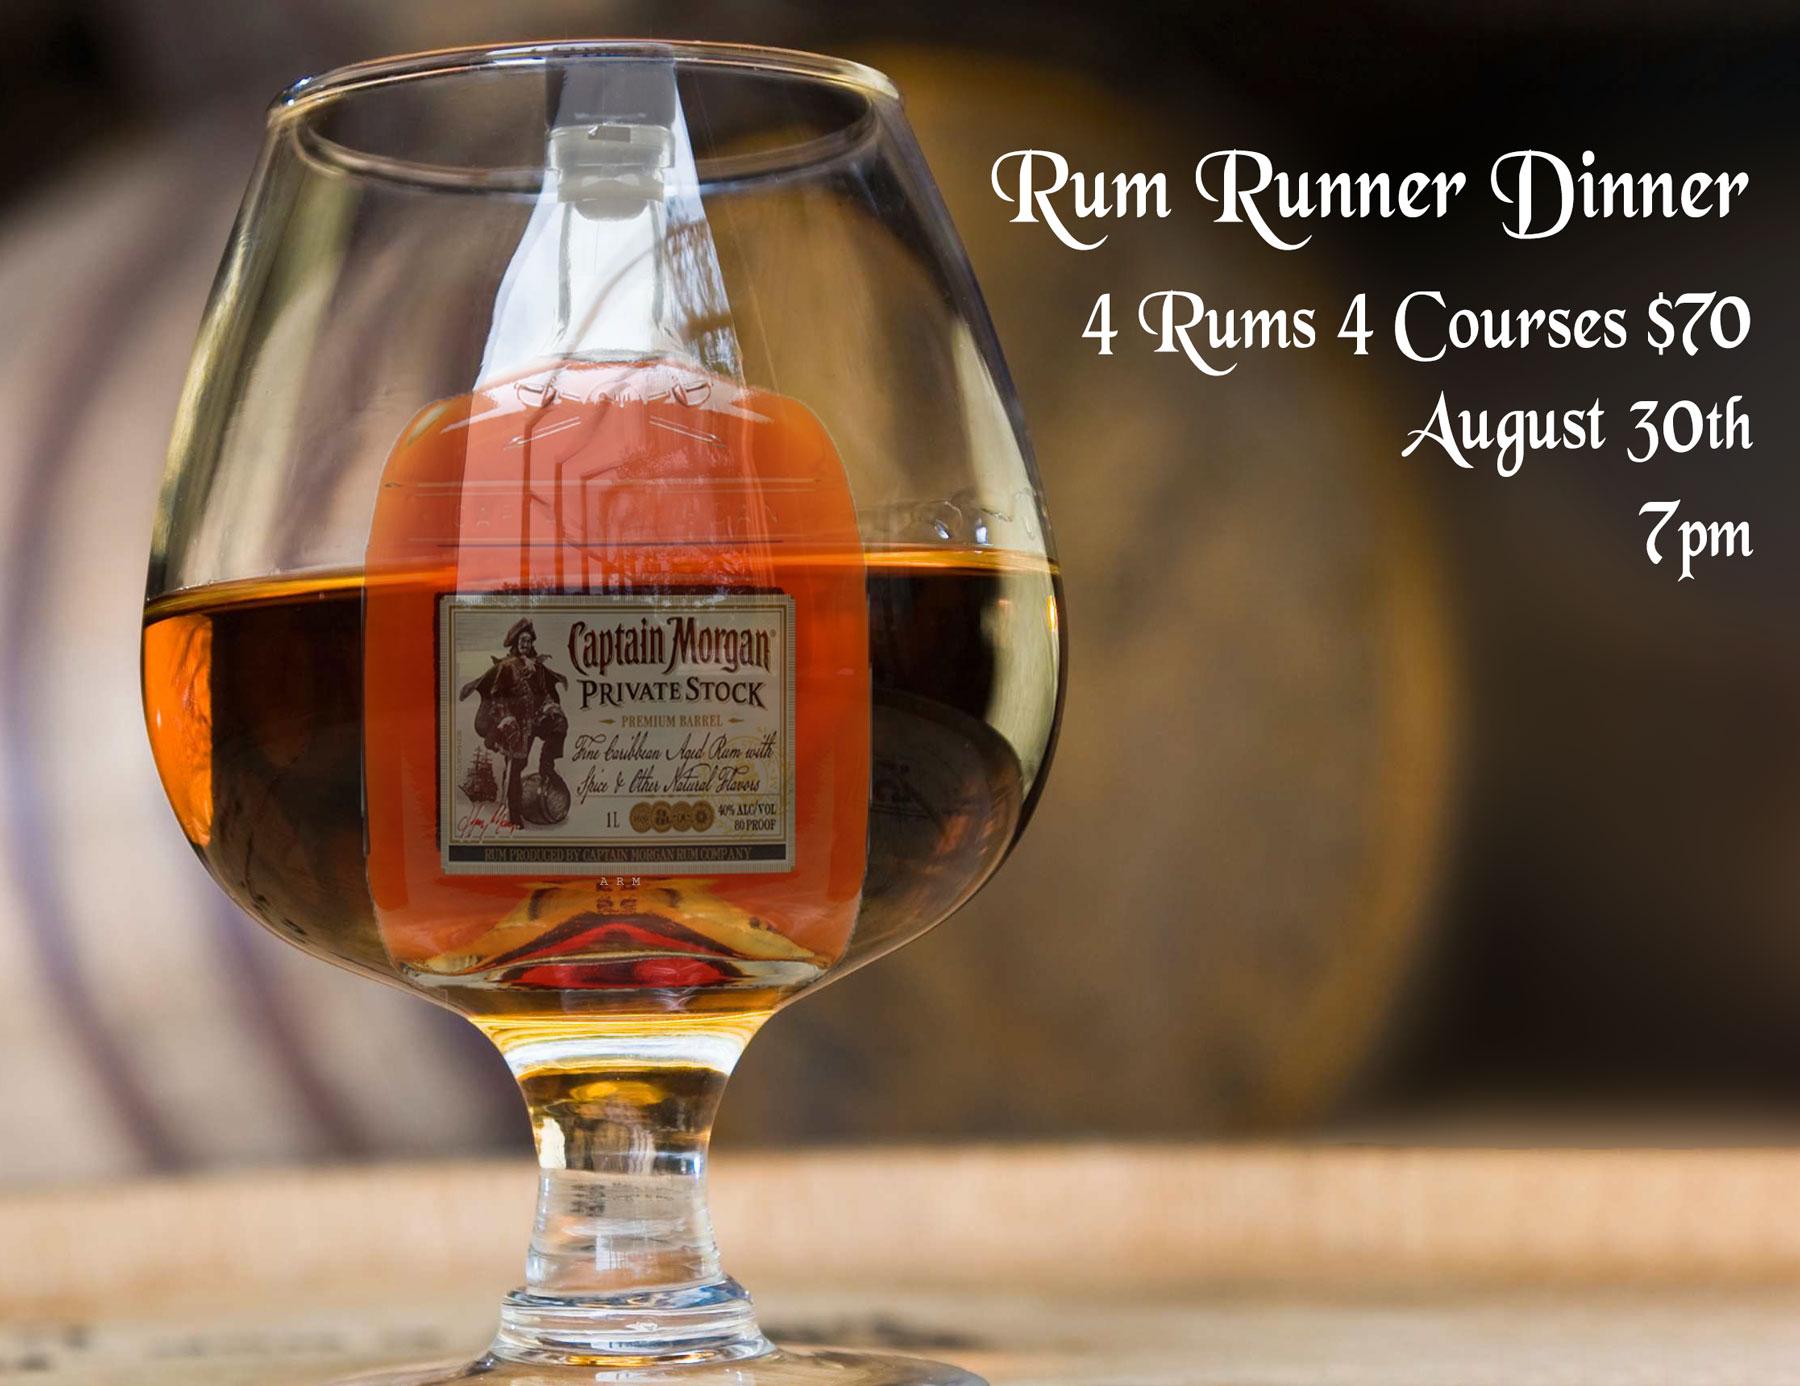 Rum-Runner-Dinner-HiRes (1).jpg